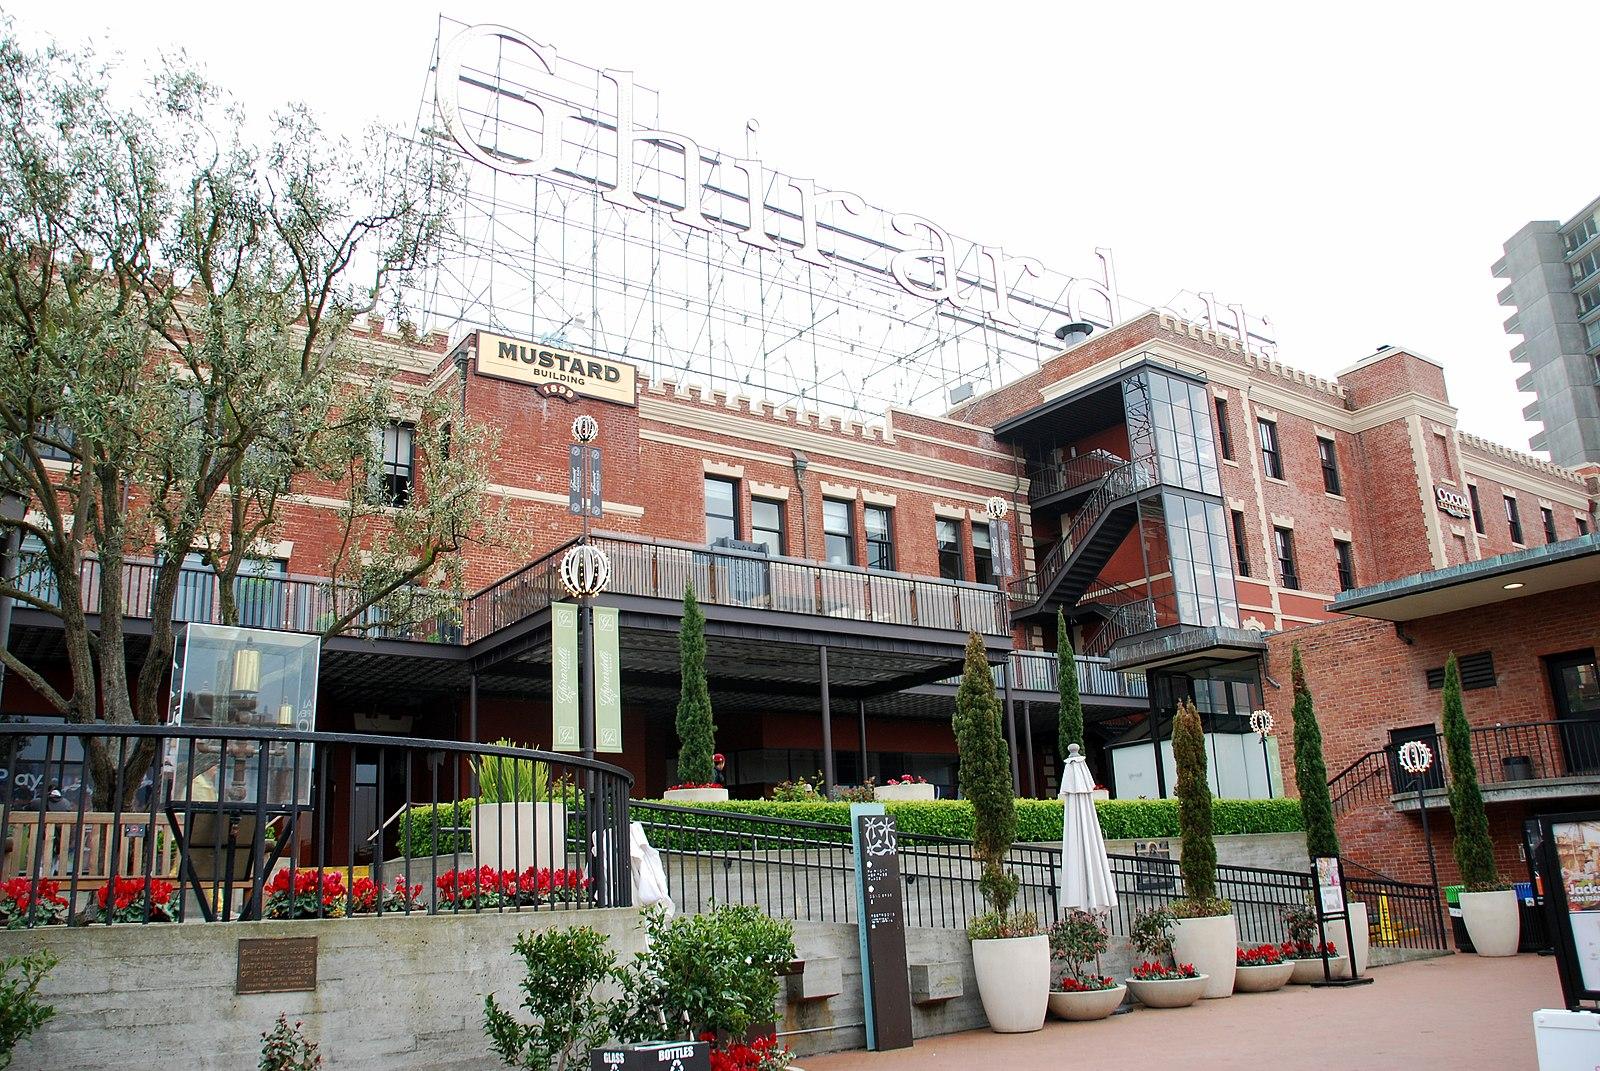 Ghirardelli Building in Ghirardelli Square, San Francisco